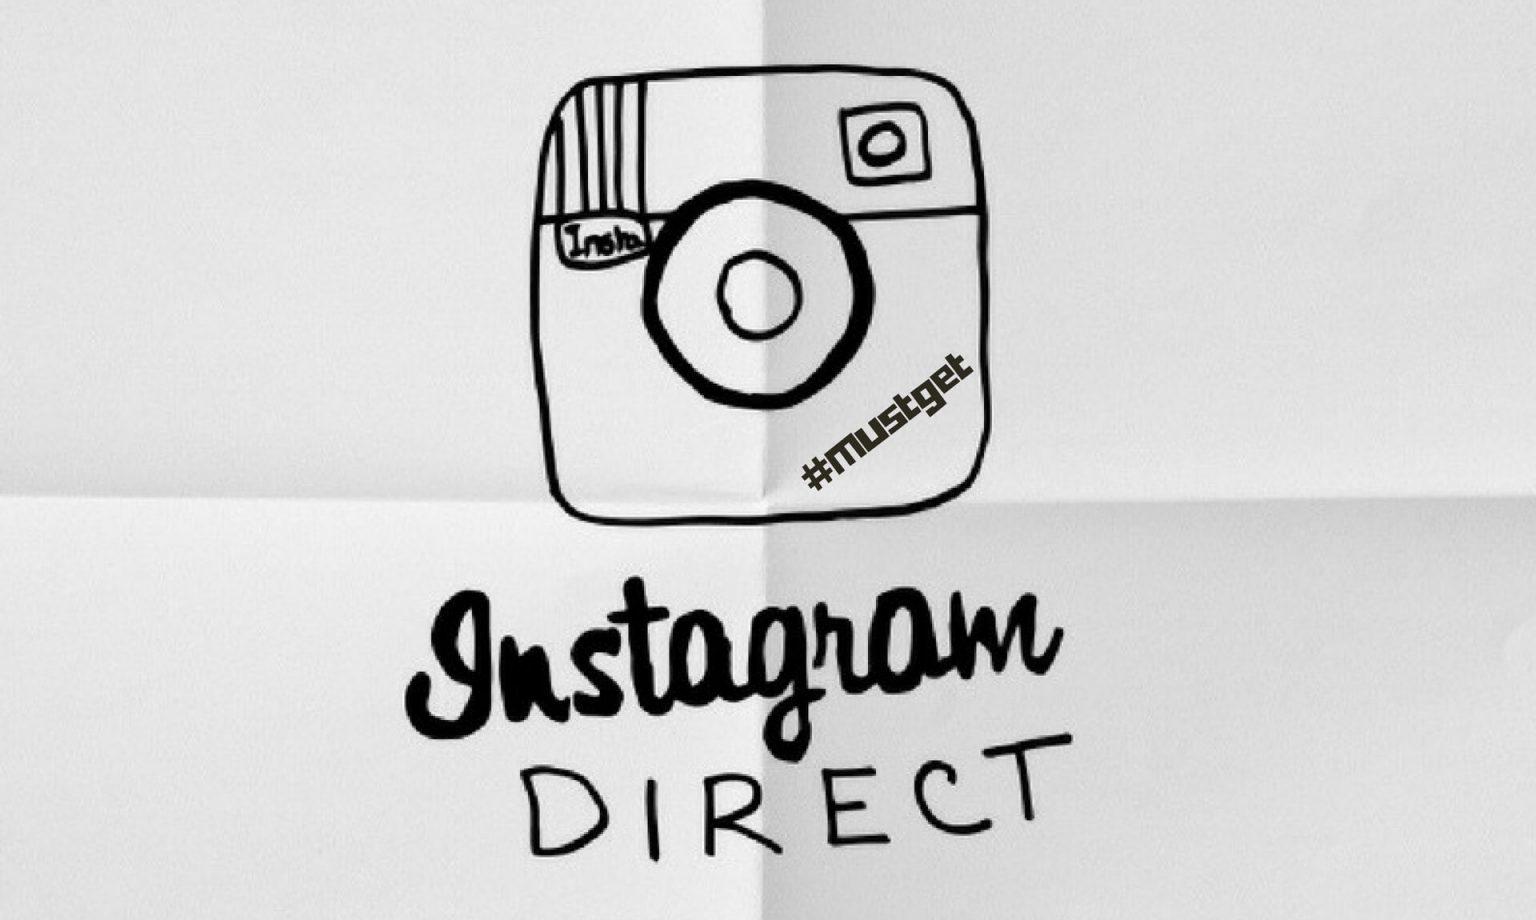 Где найти директ в инстаграме на смартфоне и пк?